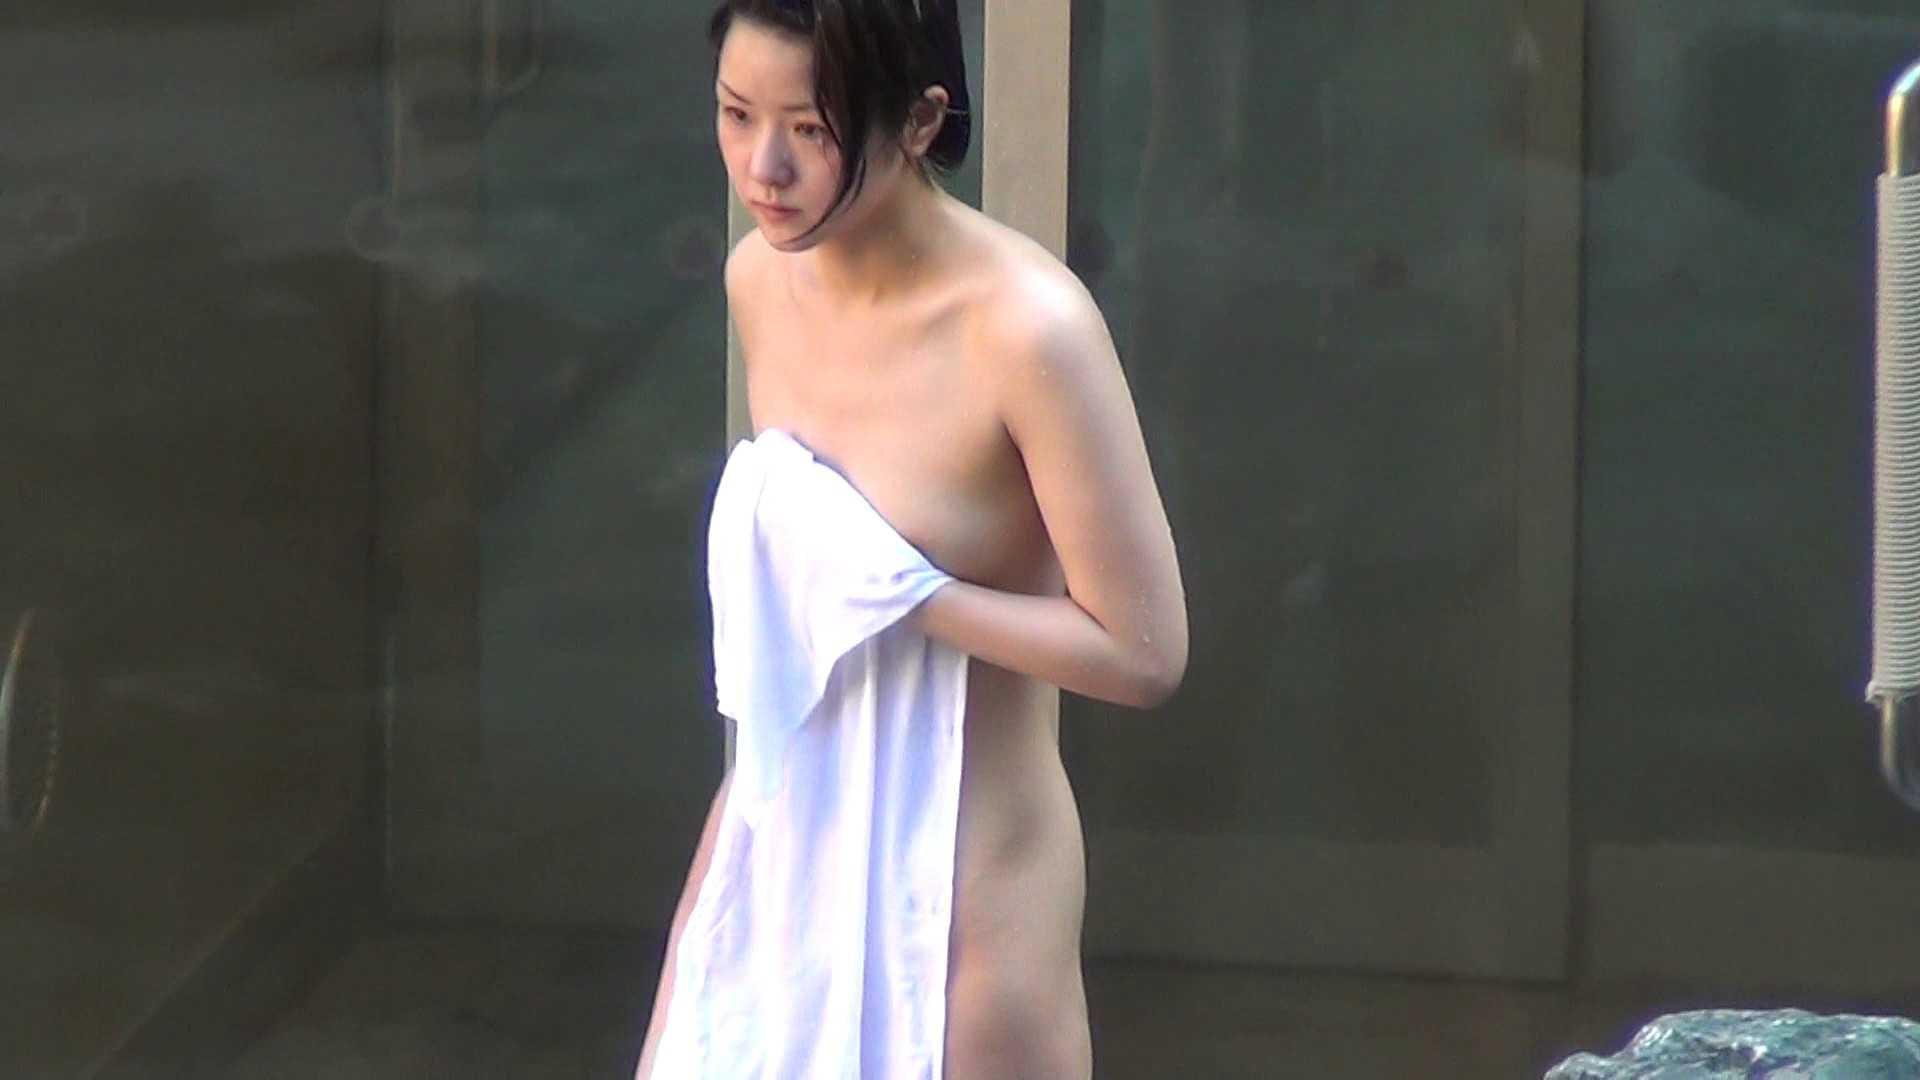 ハイビジョンVol.6 白い素肌にピンクのほっぺ 美乳 ワレメ無修正動画無料 82画像 27